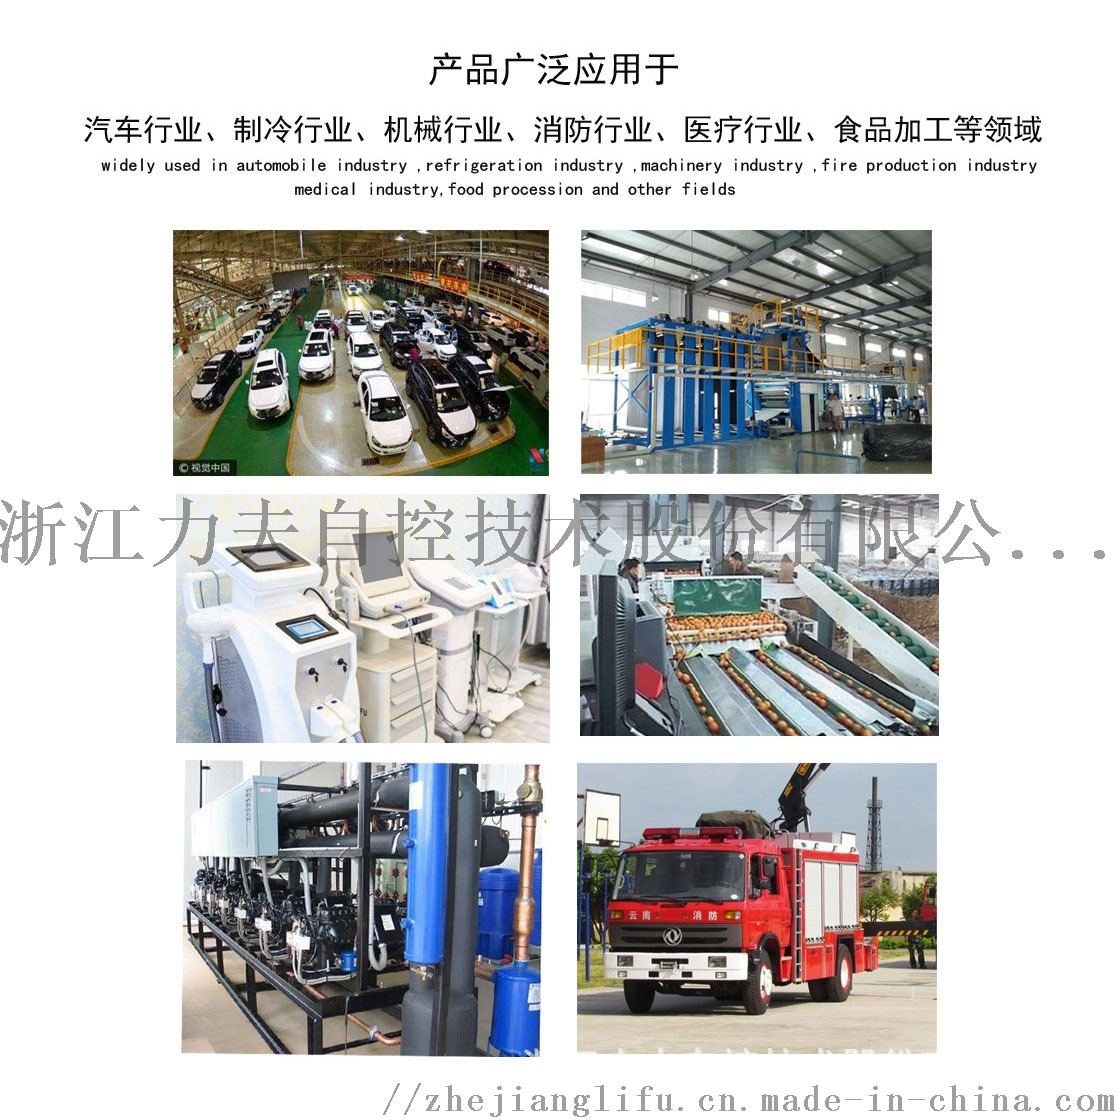 真空泵壓力開關 美容泵高低負壓開關 LF0897177765